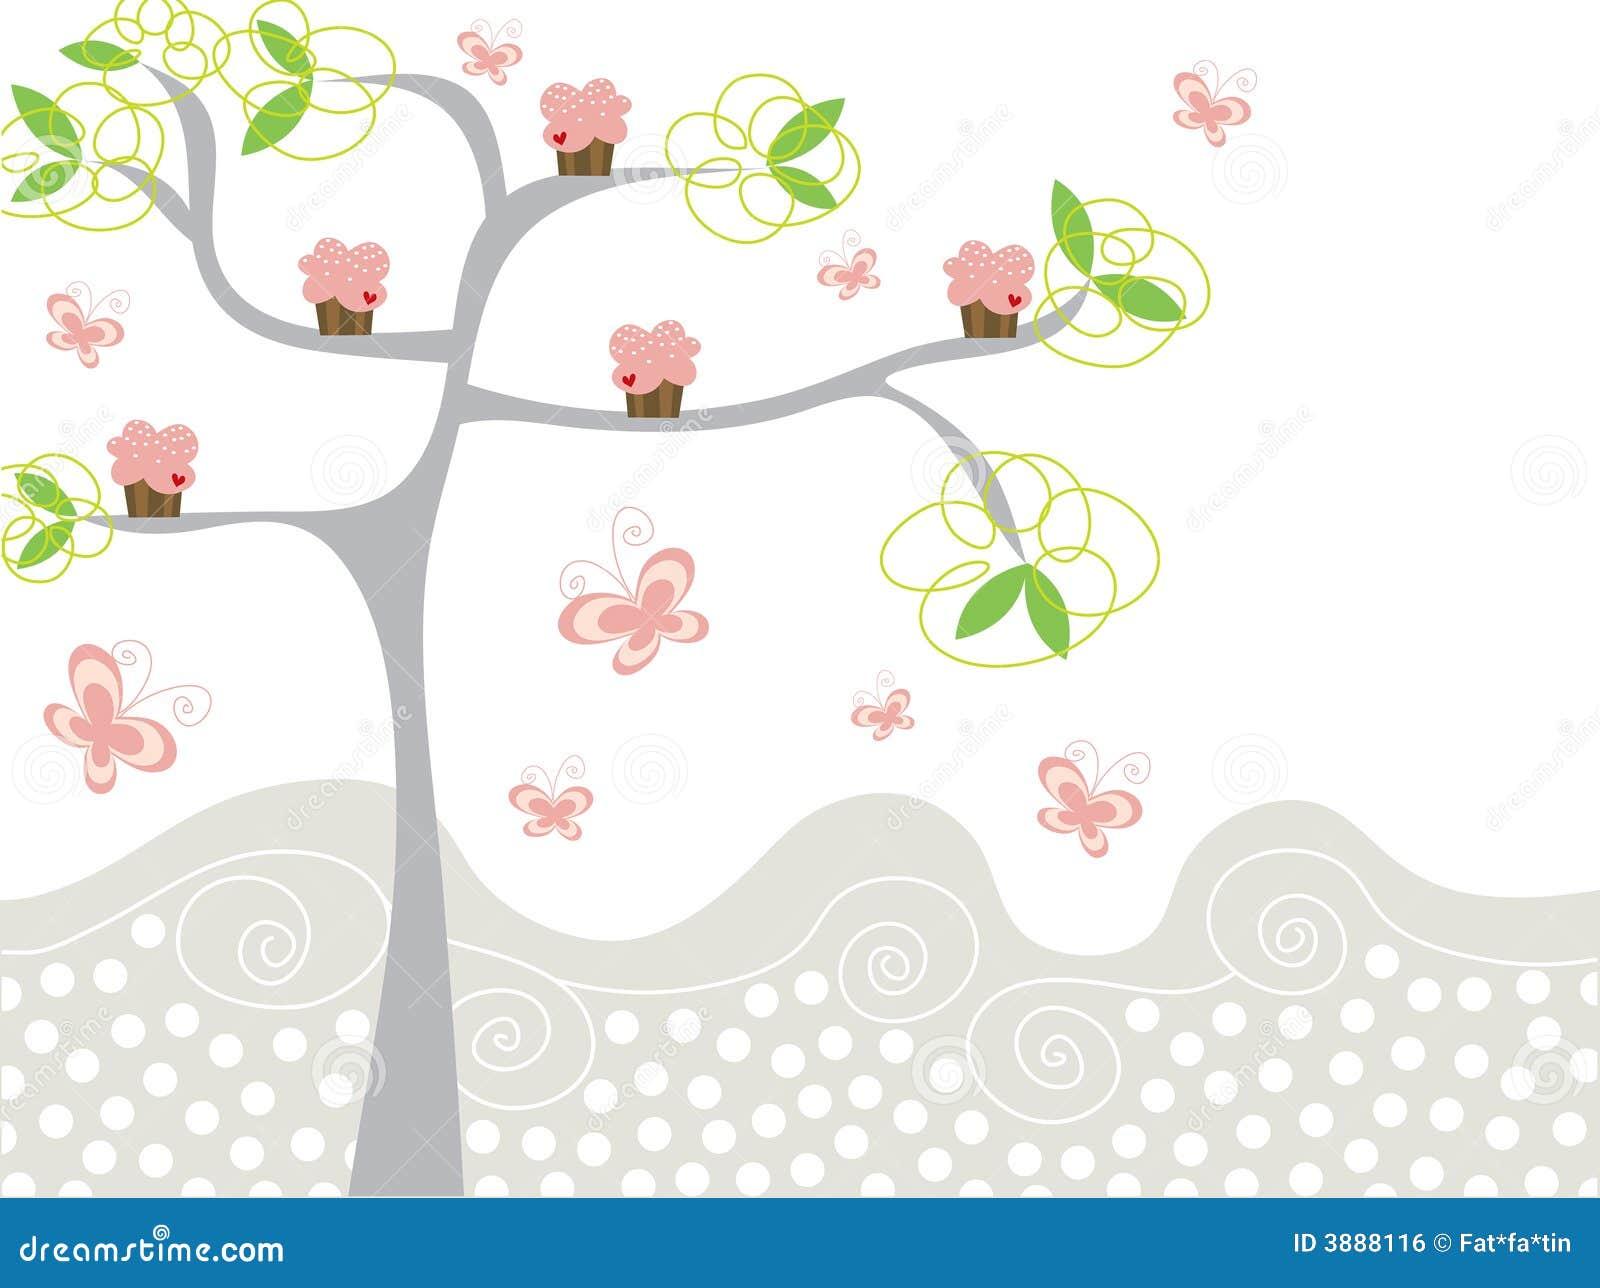 Queques cor-de-rosa bonitos em uma árvore